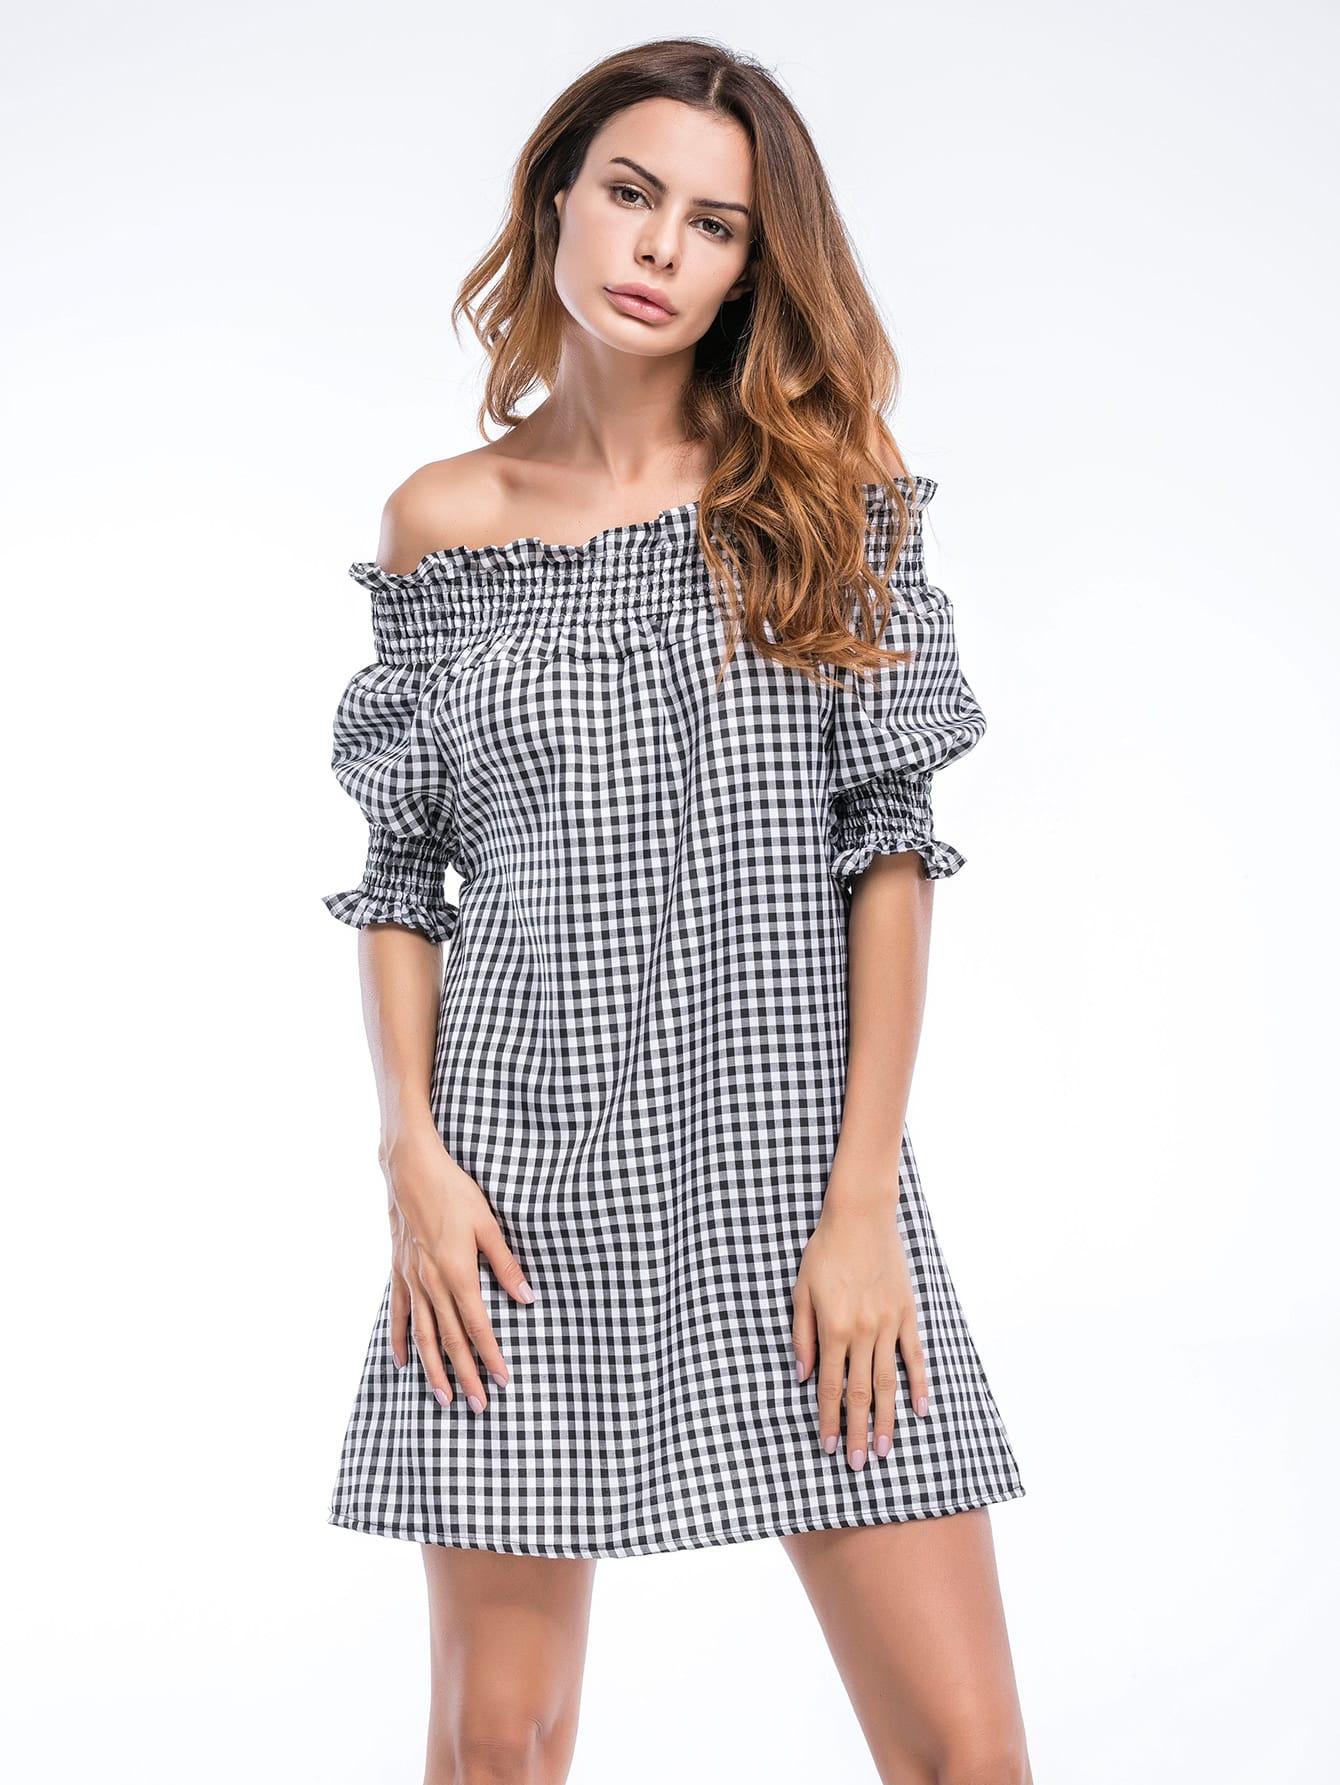 все цены на Bardot Gingham Frill Trim Dress